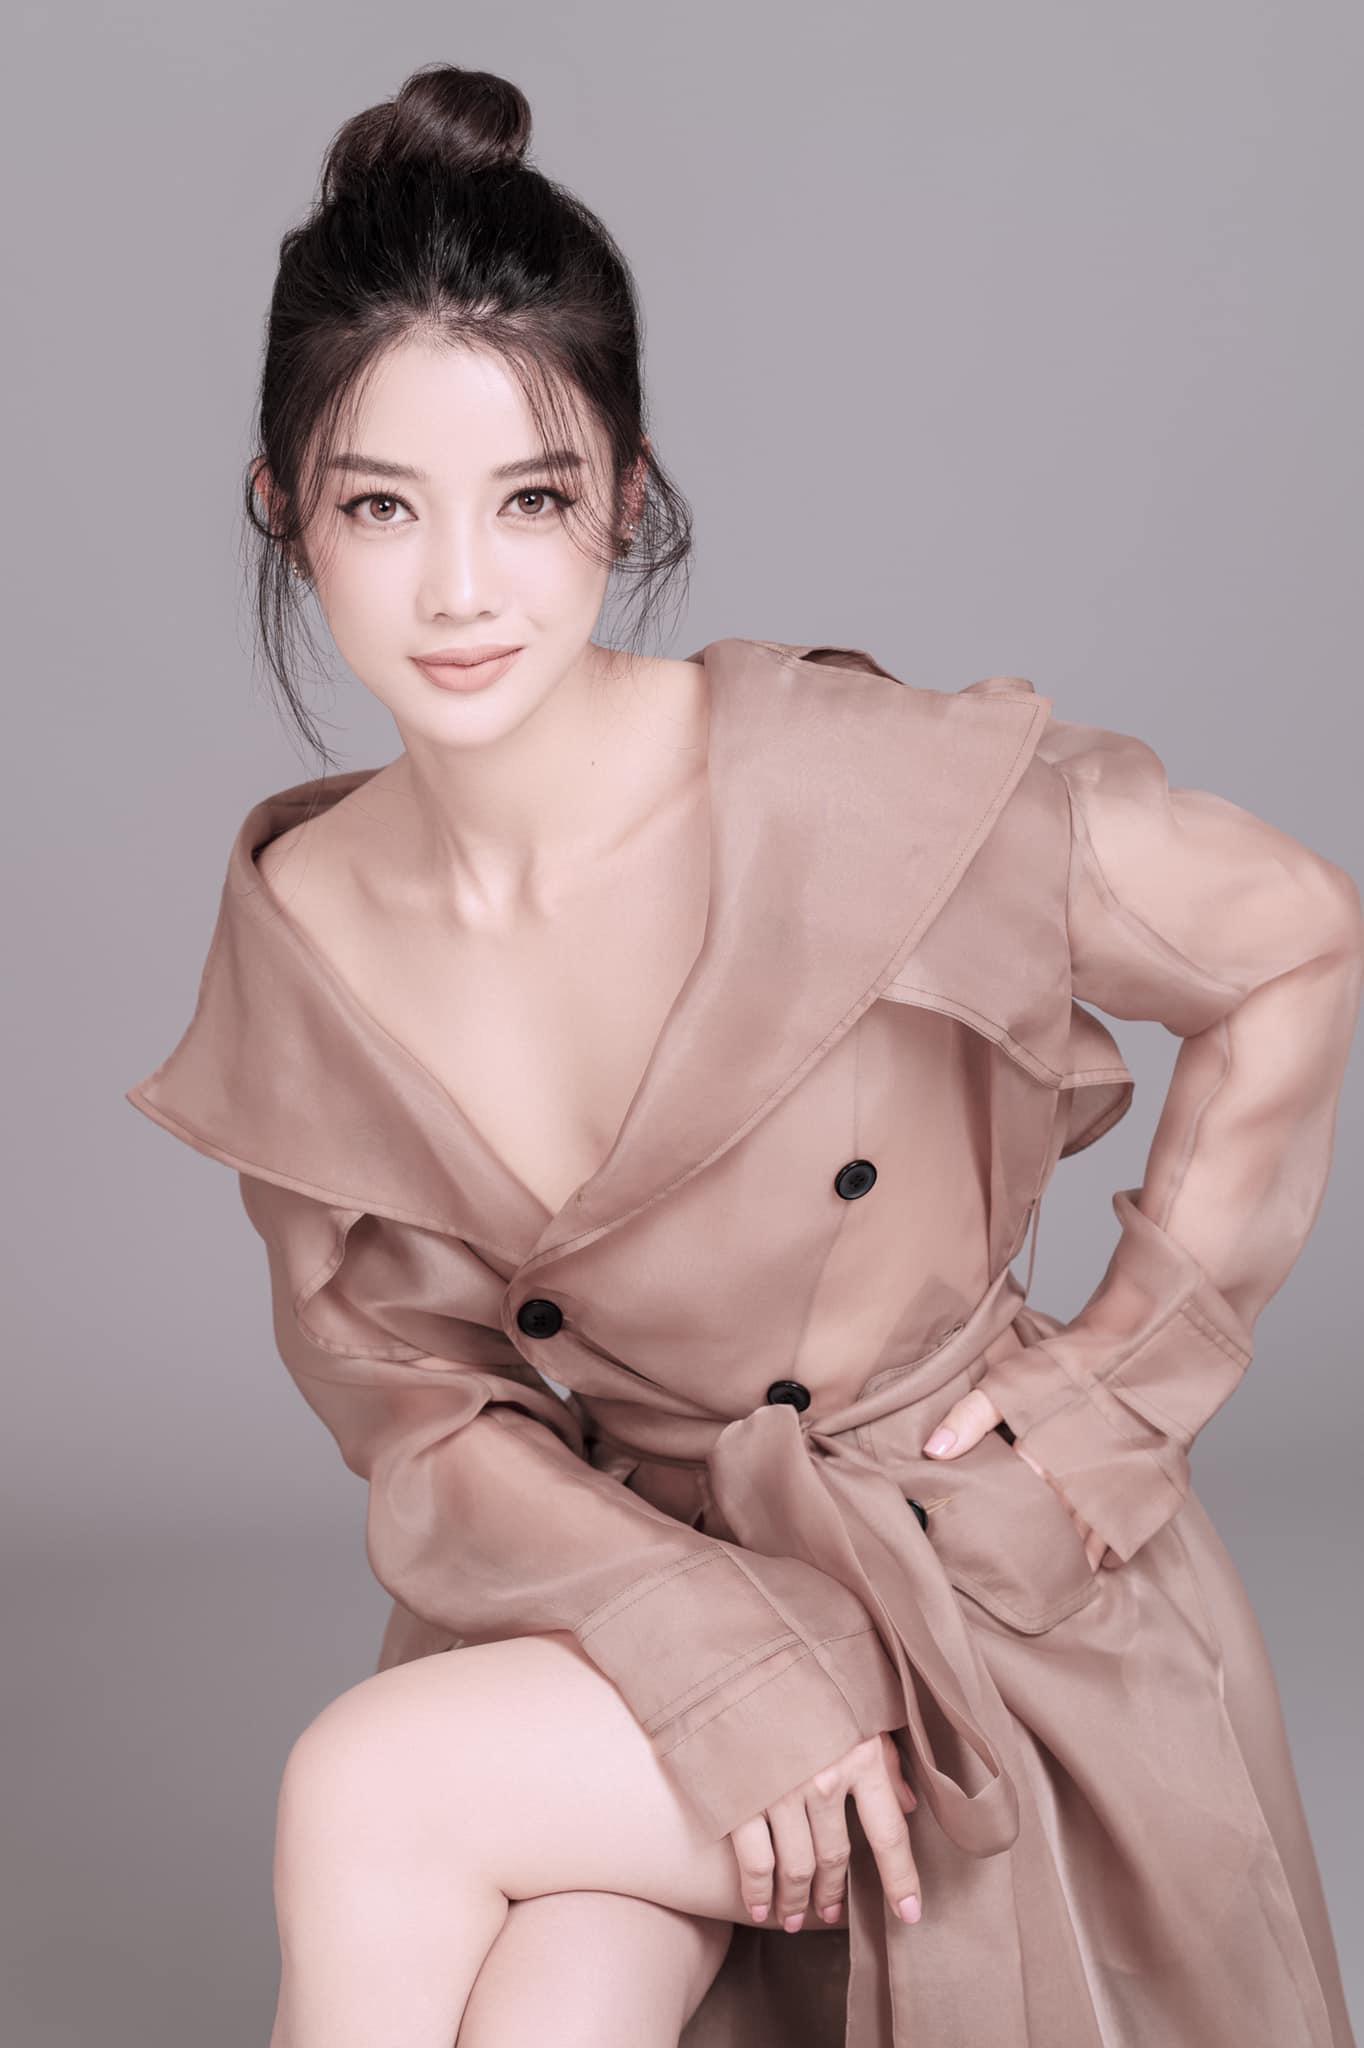 """HOT showbiz: Bất ngờ mỹ nhân đóng vai Thúy Kiều bị """"đào lại"""" quá khứ là """"đối thủ"""" với Hoa hậu H'Hen Niê? - Ảnh 13."""